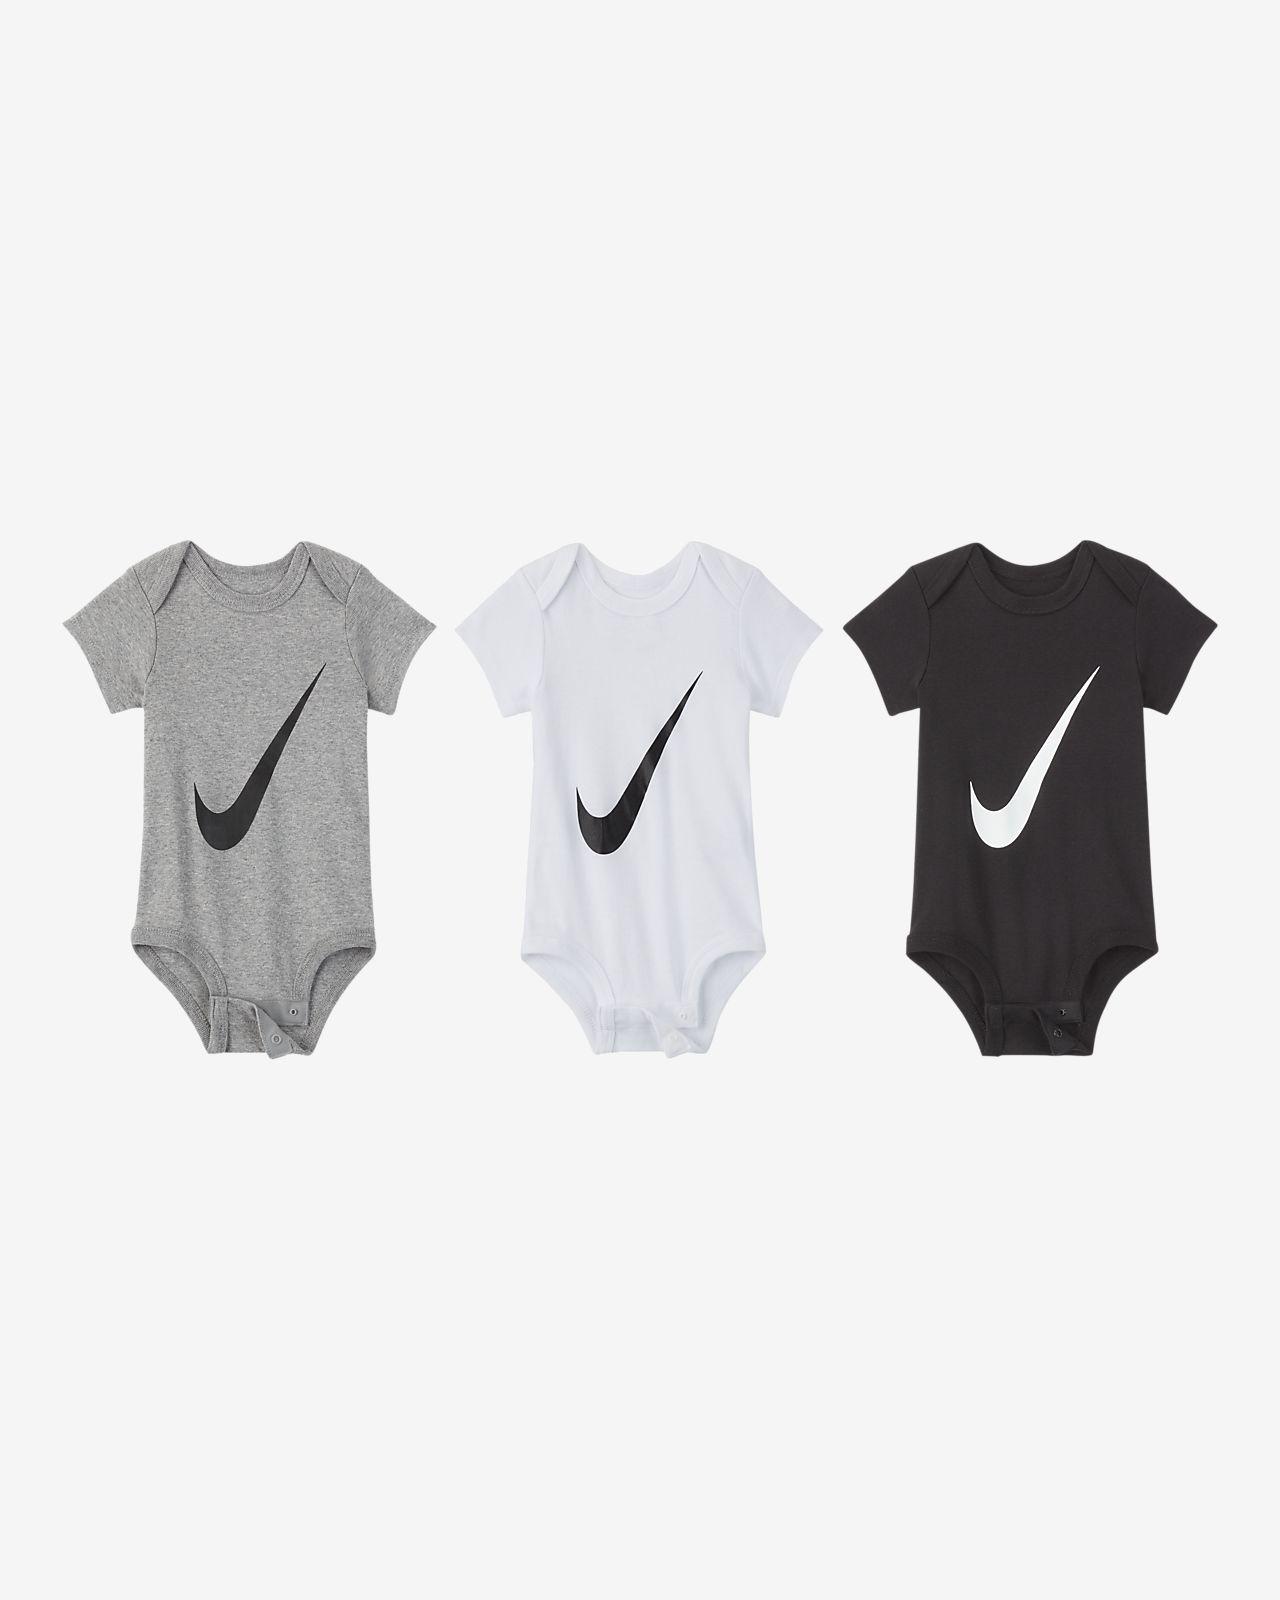 Nike kombidressz babáknak (3 darabos csomag)